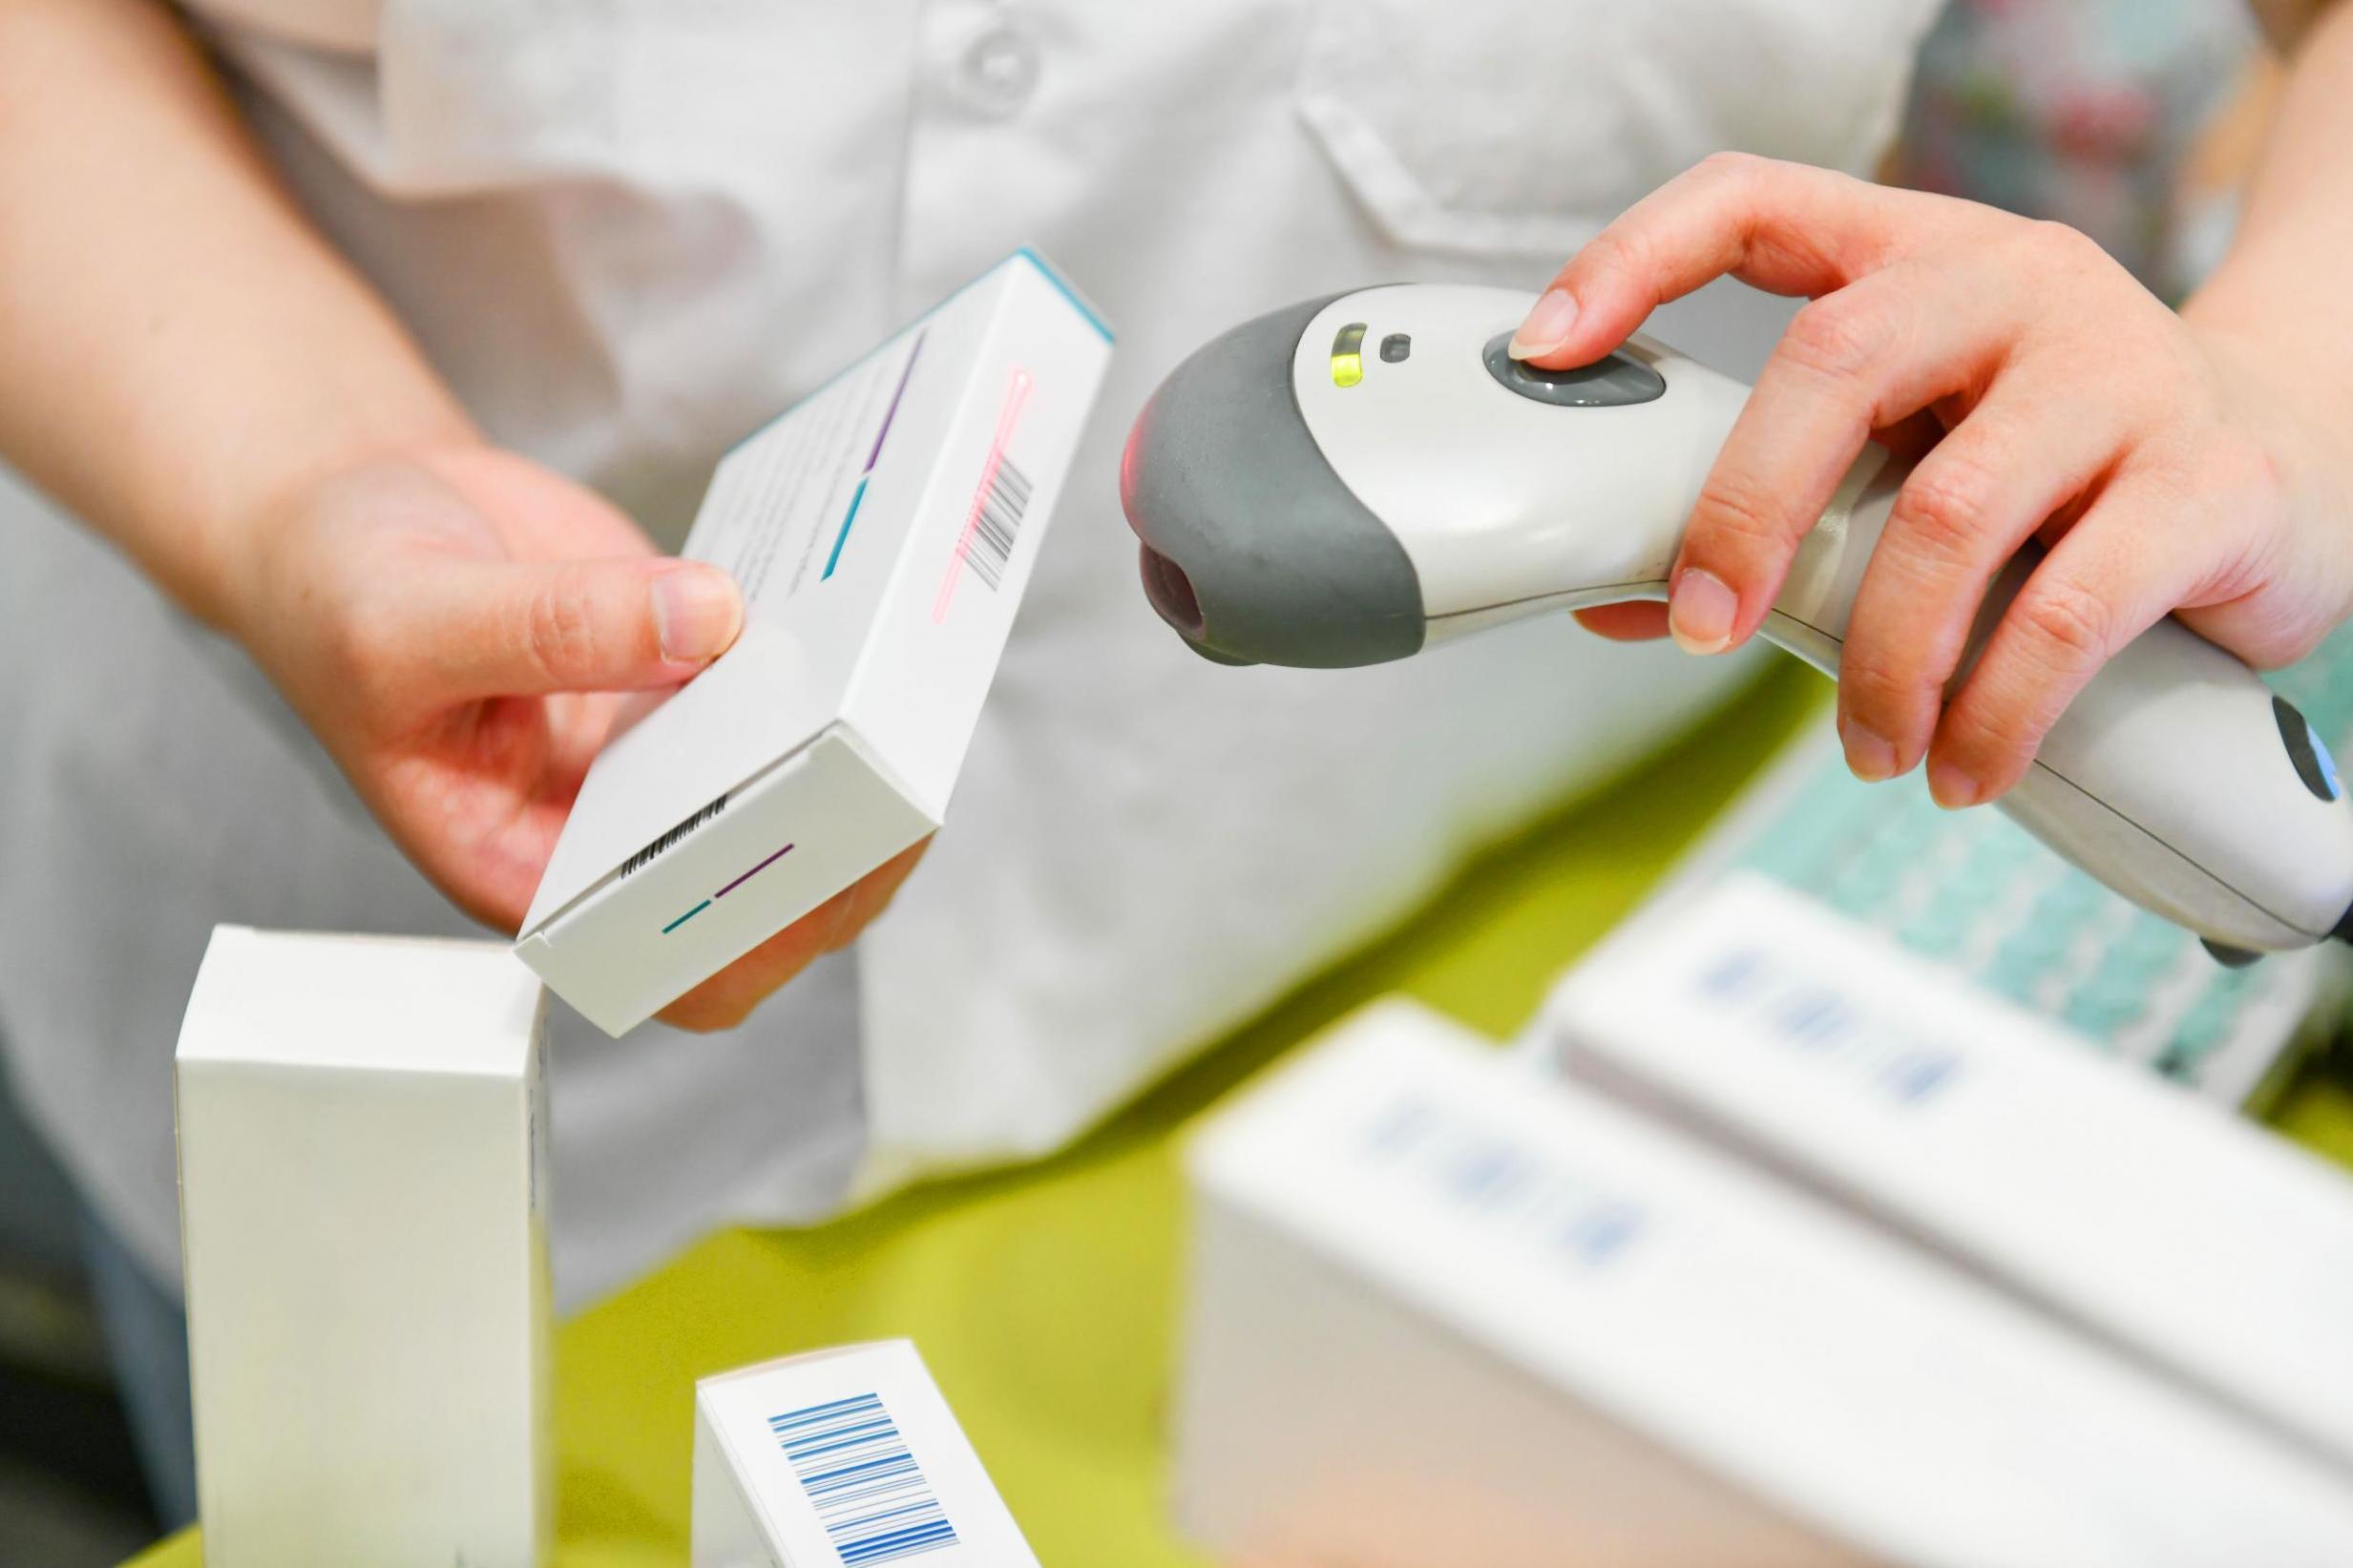 Минпромторг заверил, что маркировка лекарств не влияет на доступность лекарств в аптеках